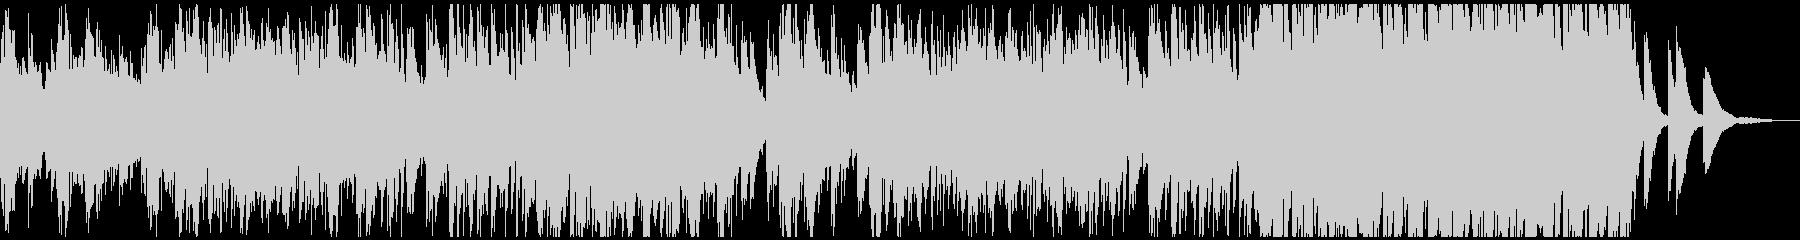 生アコギ/ゆったり/ピアノ/リラックスの未再生の波形